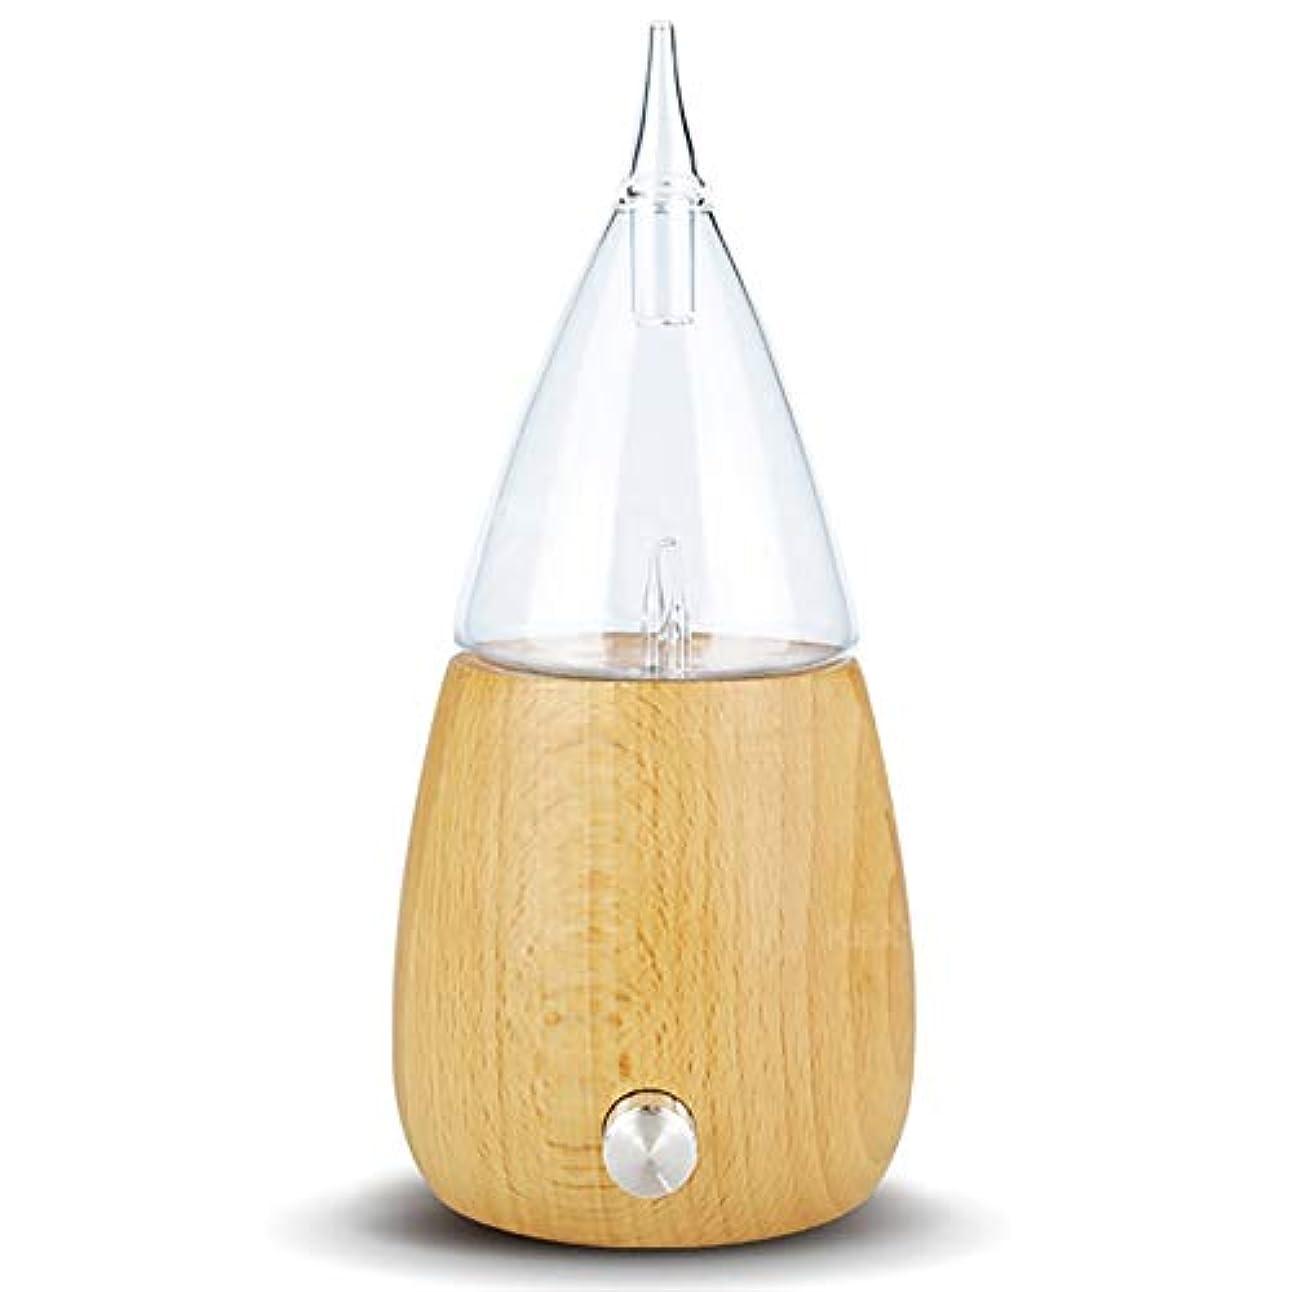 固体ルビー使用法噴霧ピュアエッセンシャルオイルアロマセラピーディフューザー、プレミアムホーム & プロユース、無熱、無水、プラスチックなし-光雨滴,B